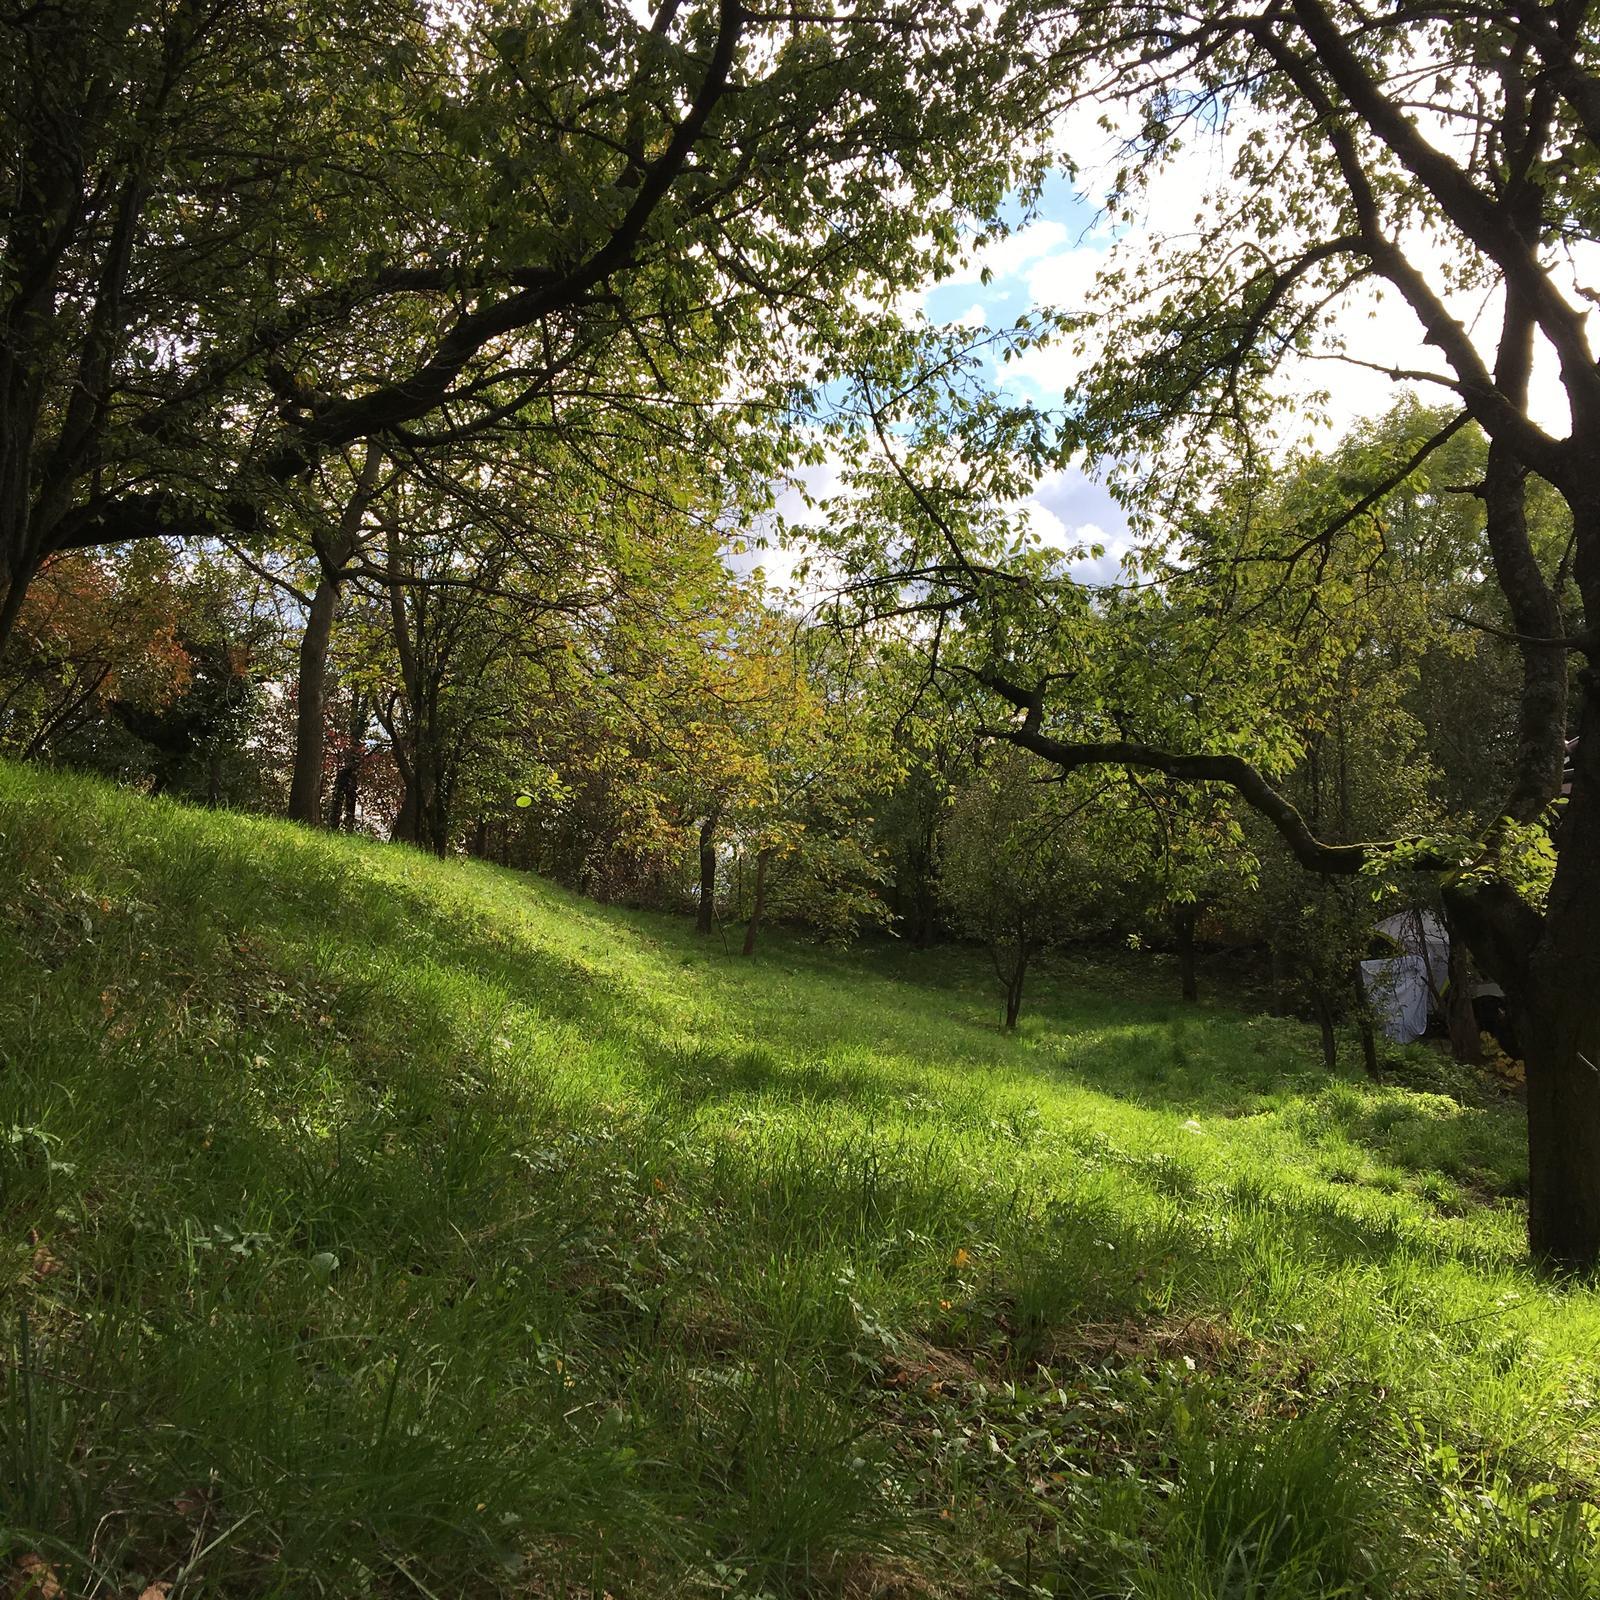 Na samote u lesa - Obrázok č. 305